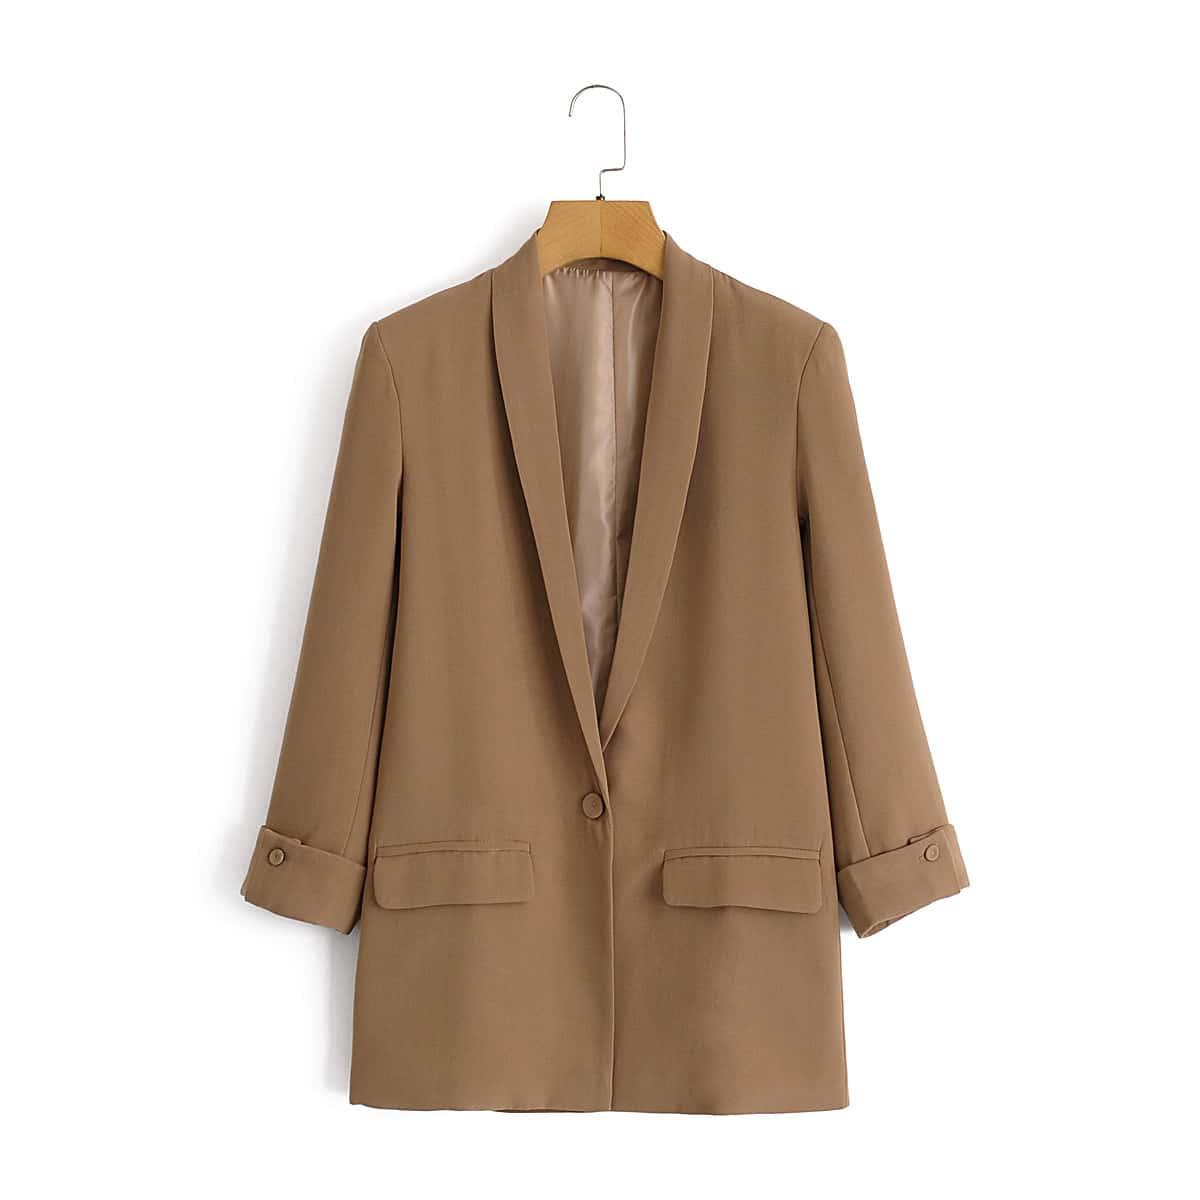 Желтовато бурый на пуговицах Ровный цвет Повседневный Пиджаки от SHEIN